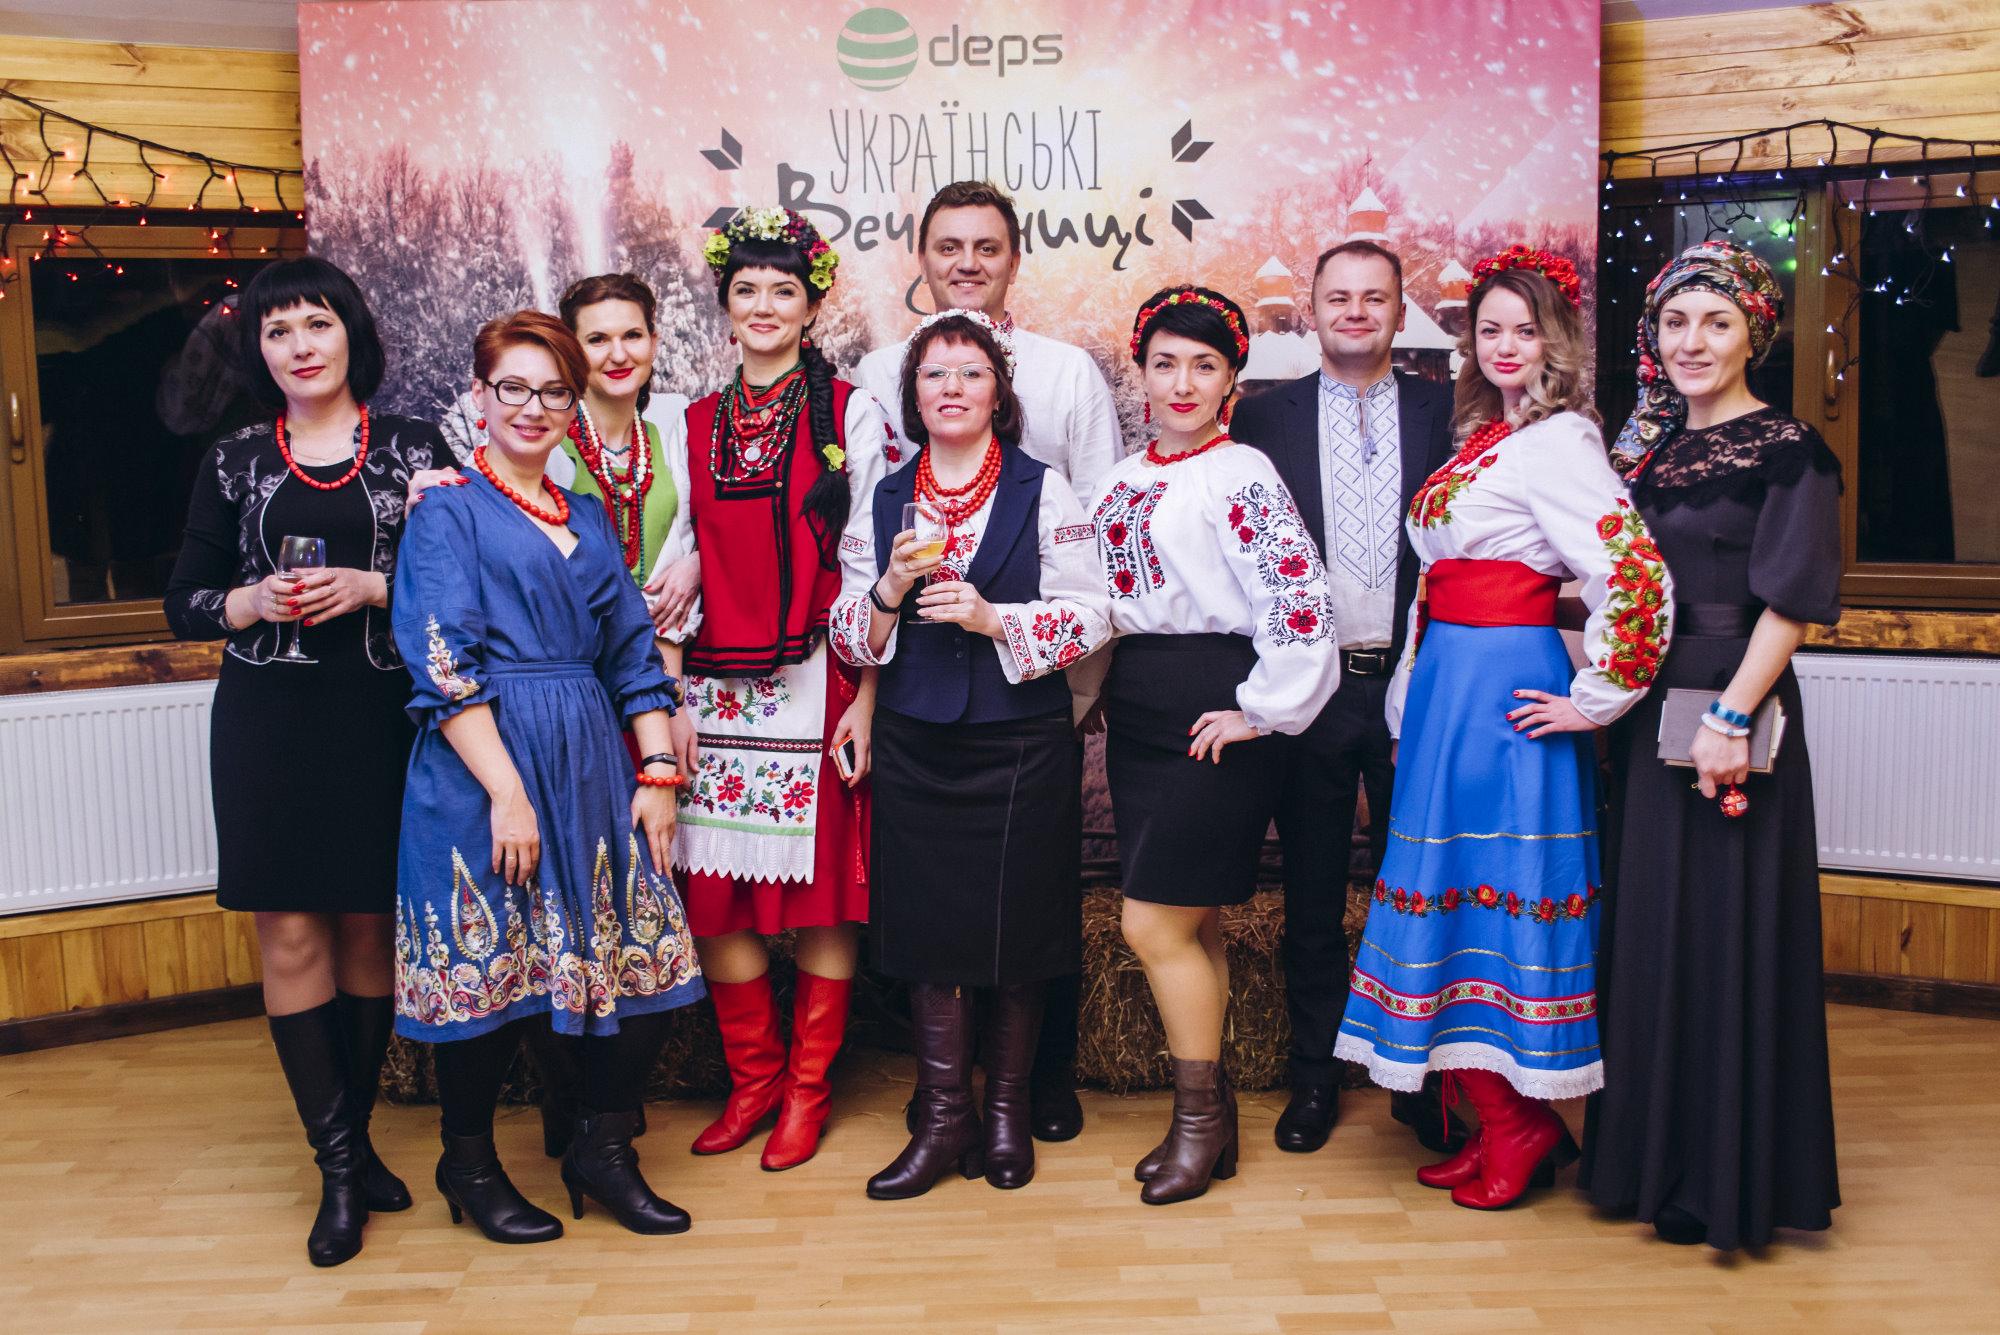 Українські вечорниці DEPS